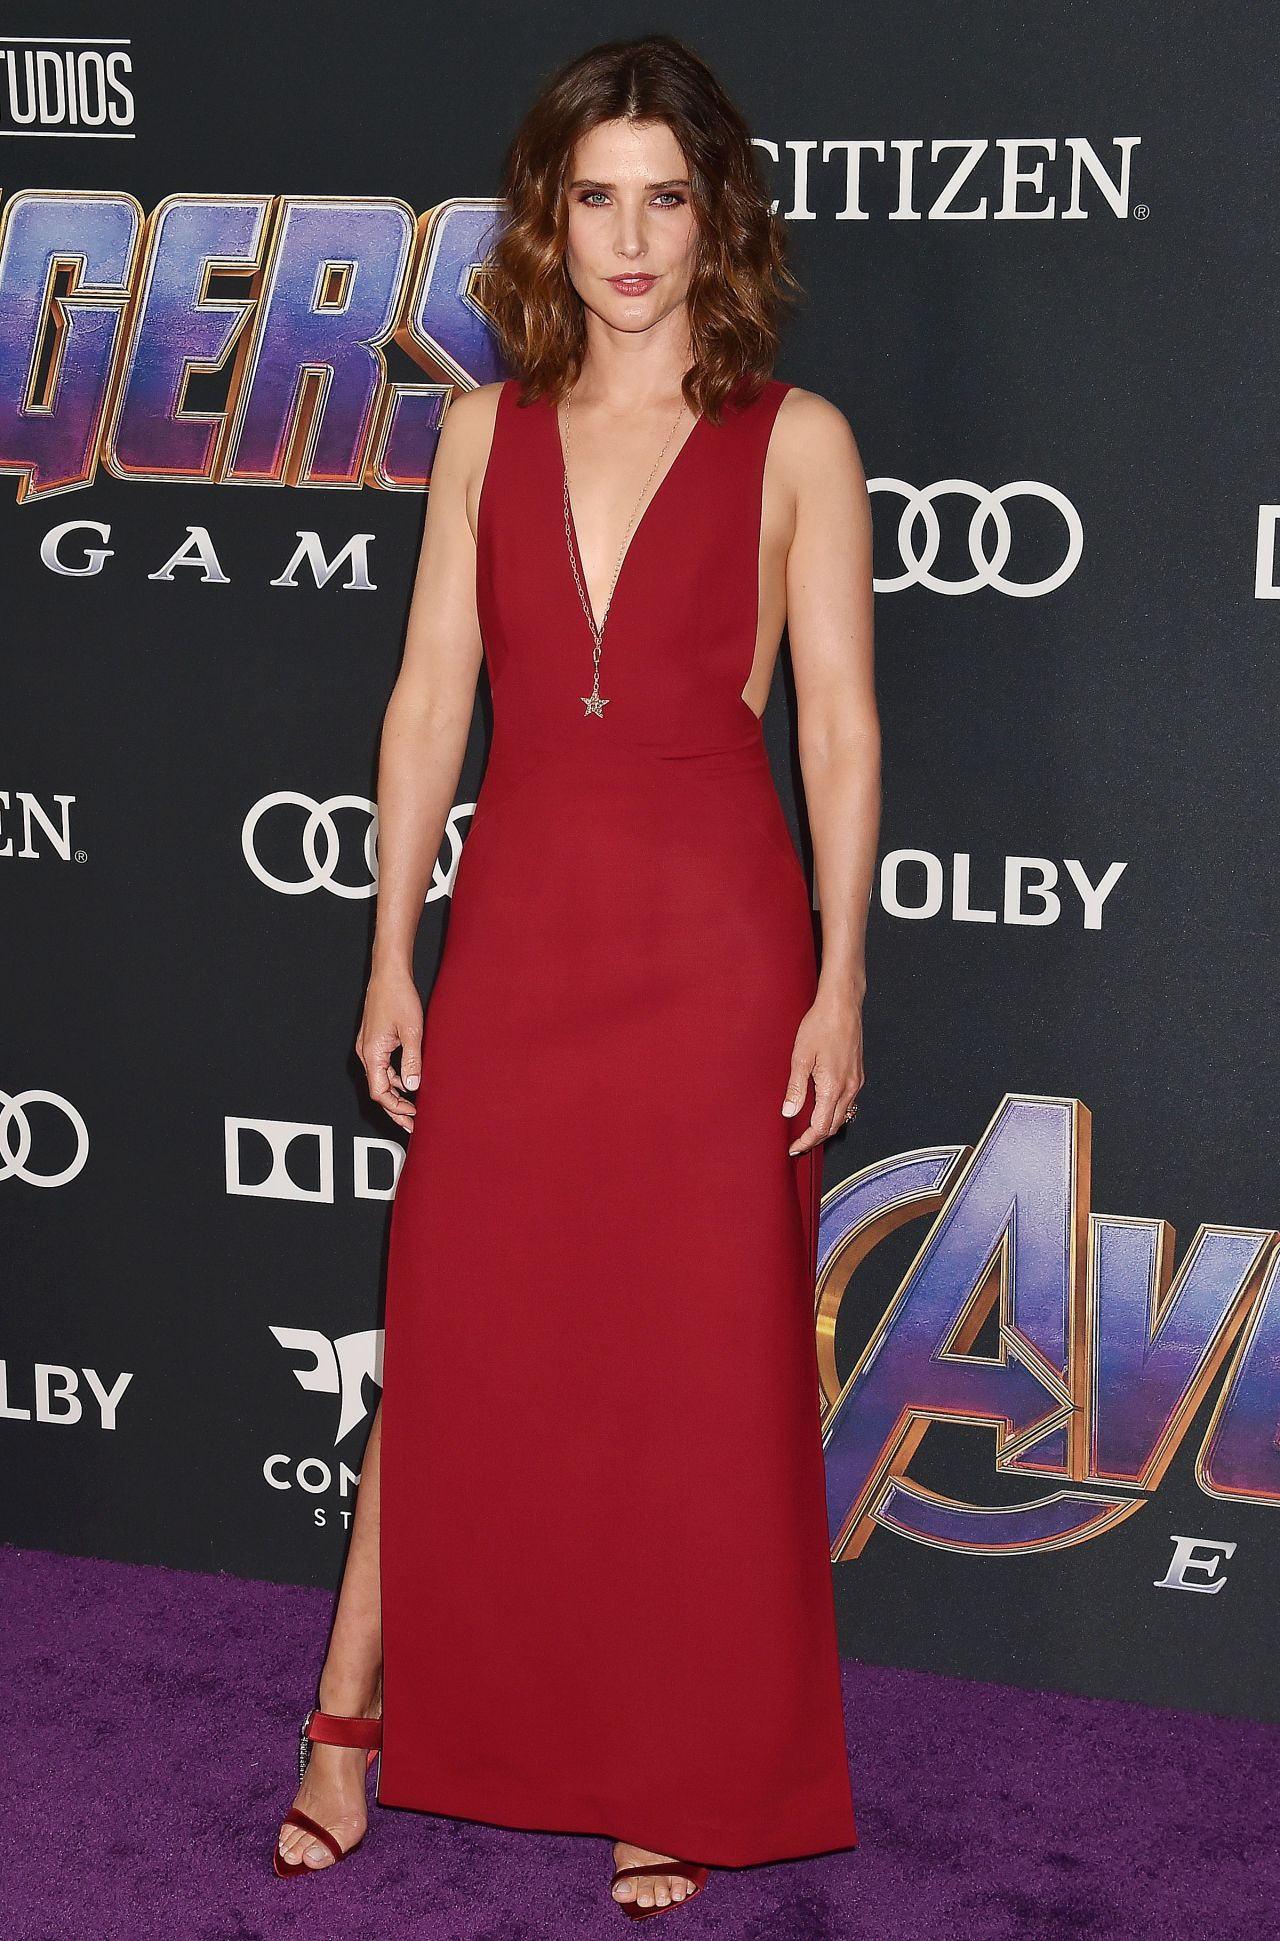 Cobie Smulders Avengers Endgame Premiere In La